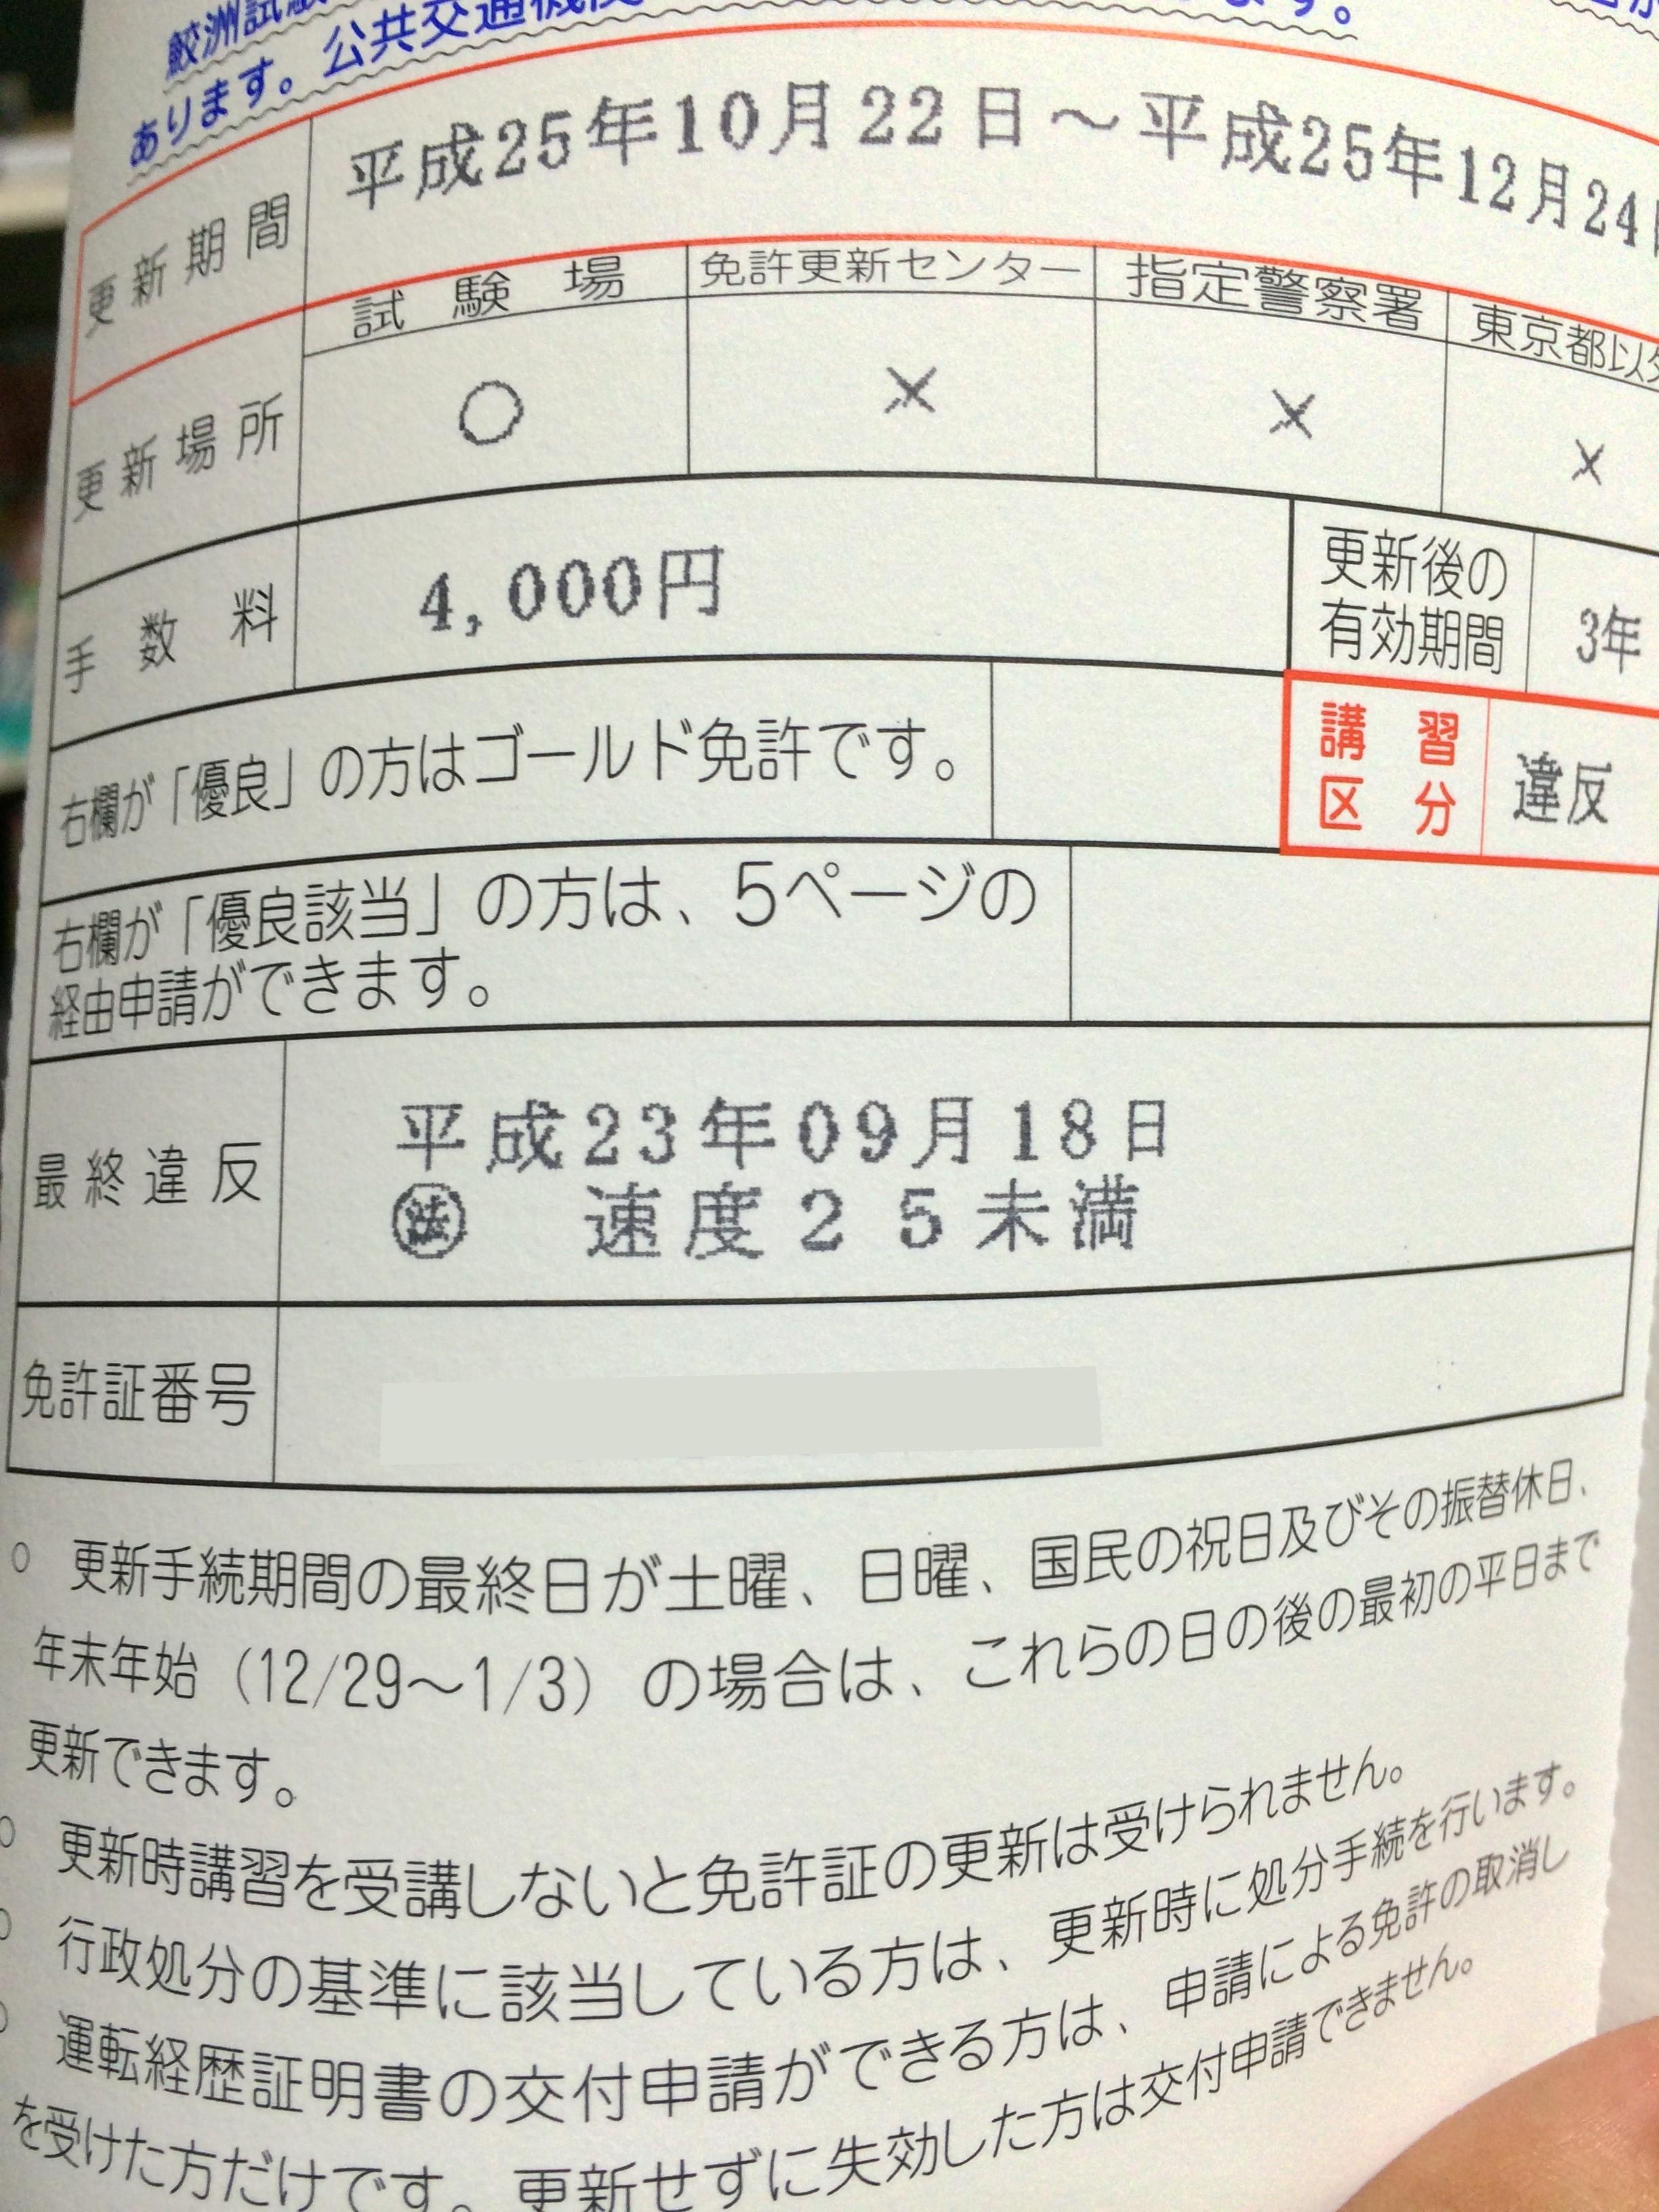 免許 江東 更新 試験場